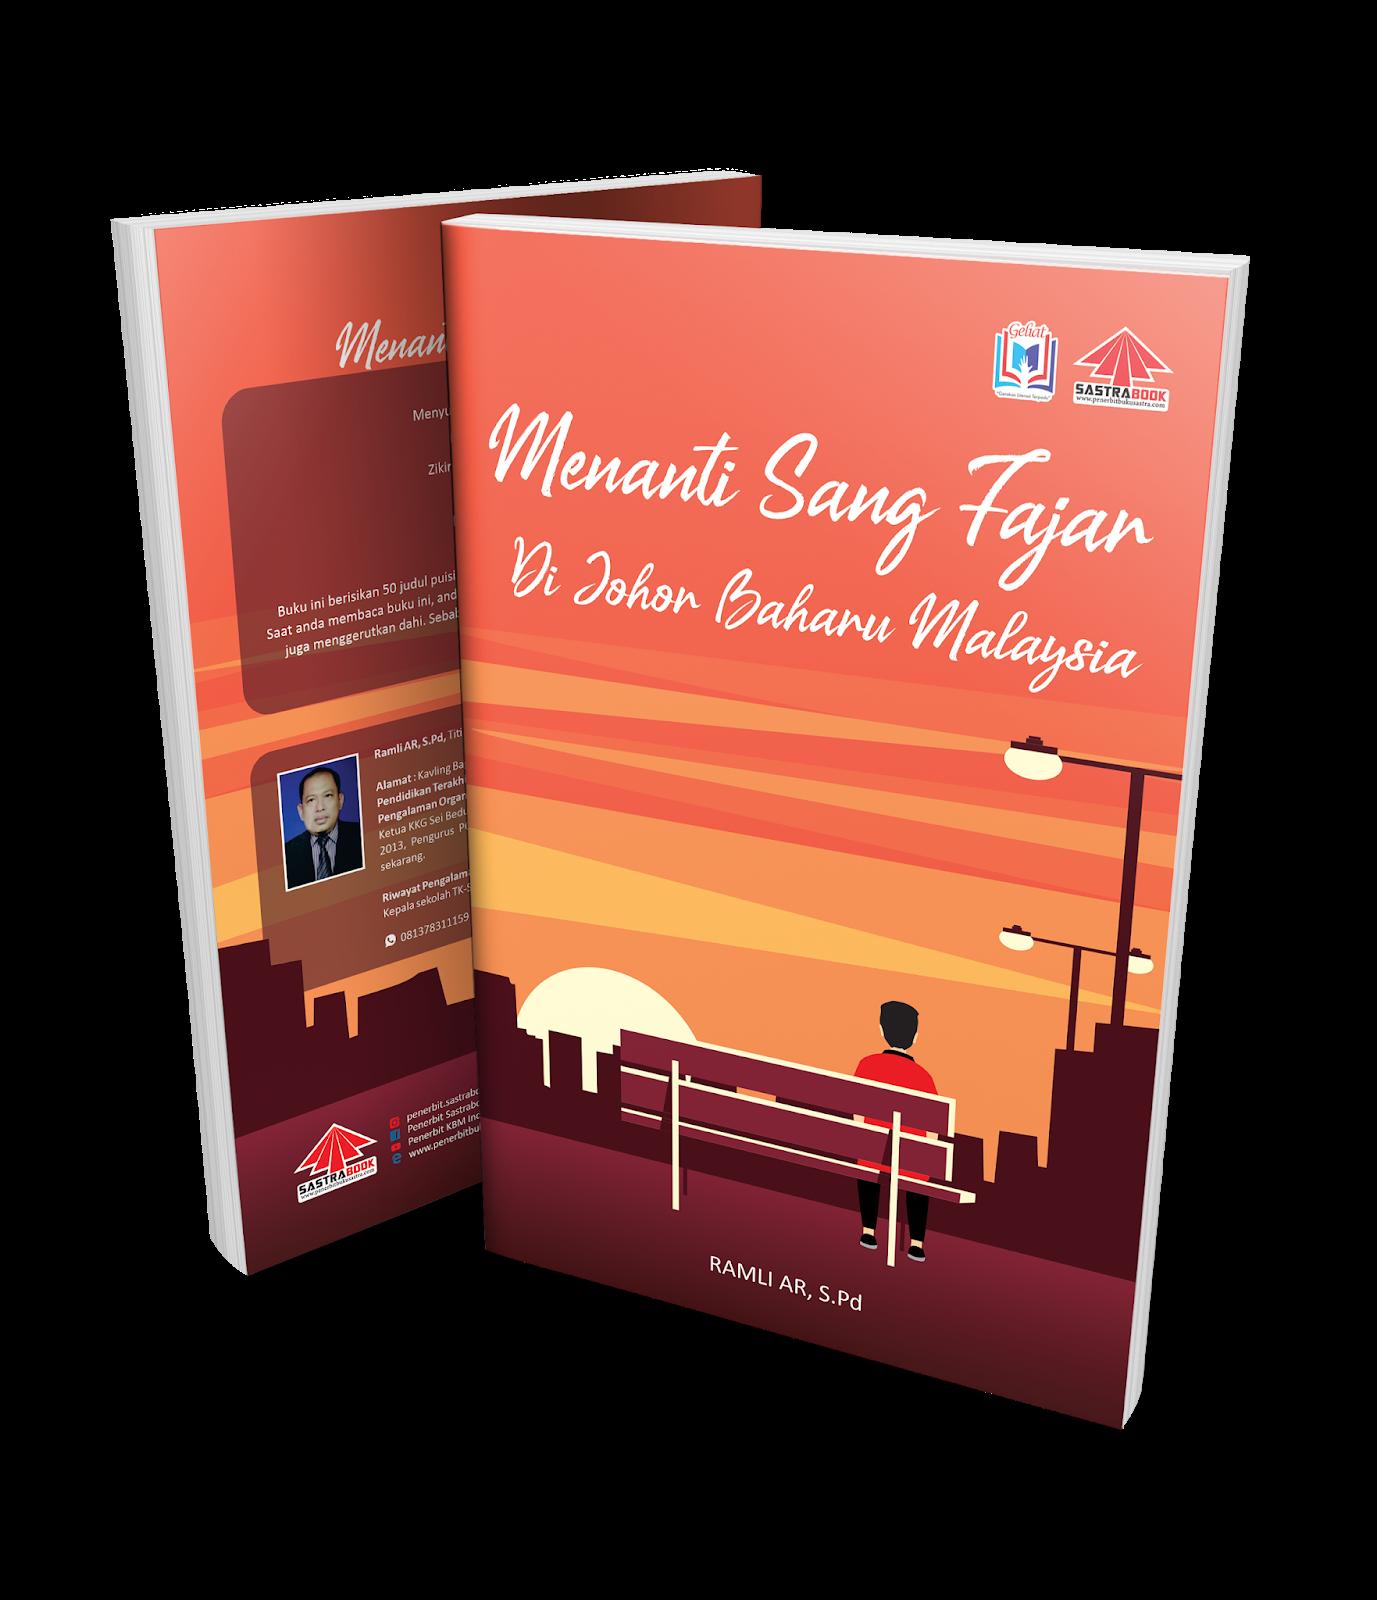 MENANTI SANG FAJAR DI JOHOR BAHARU MALAYSIA